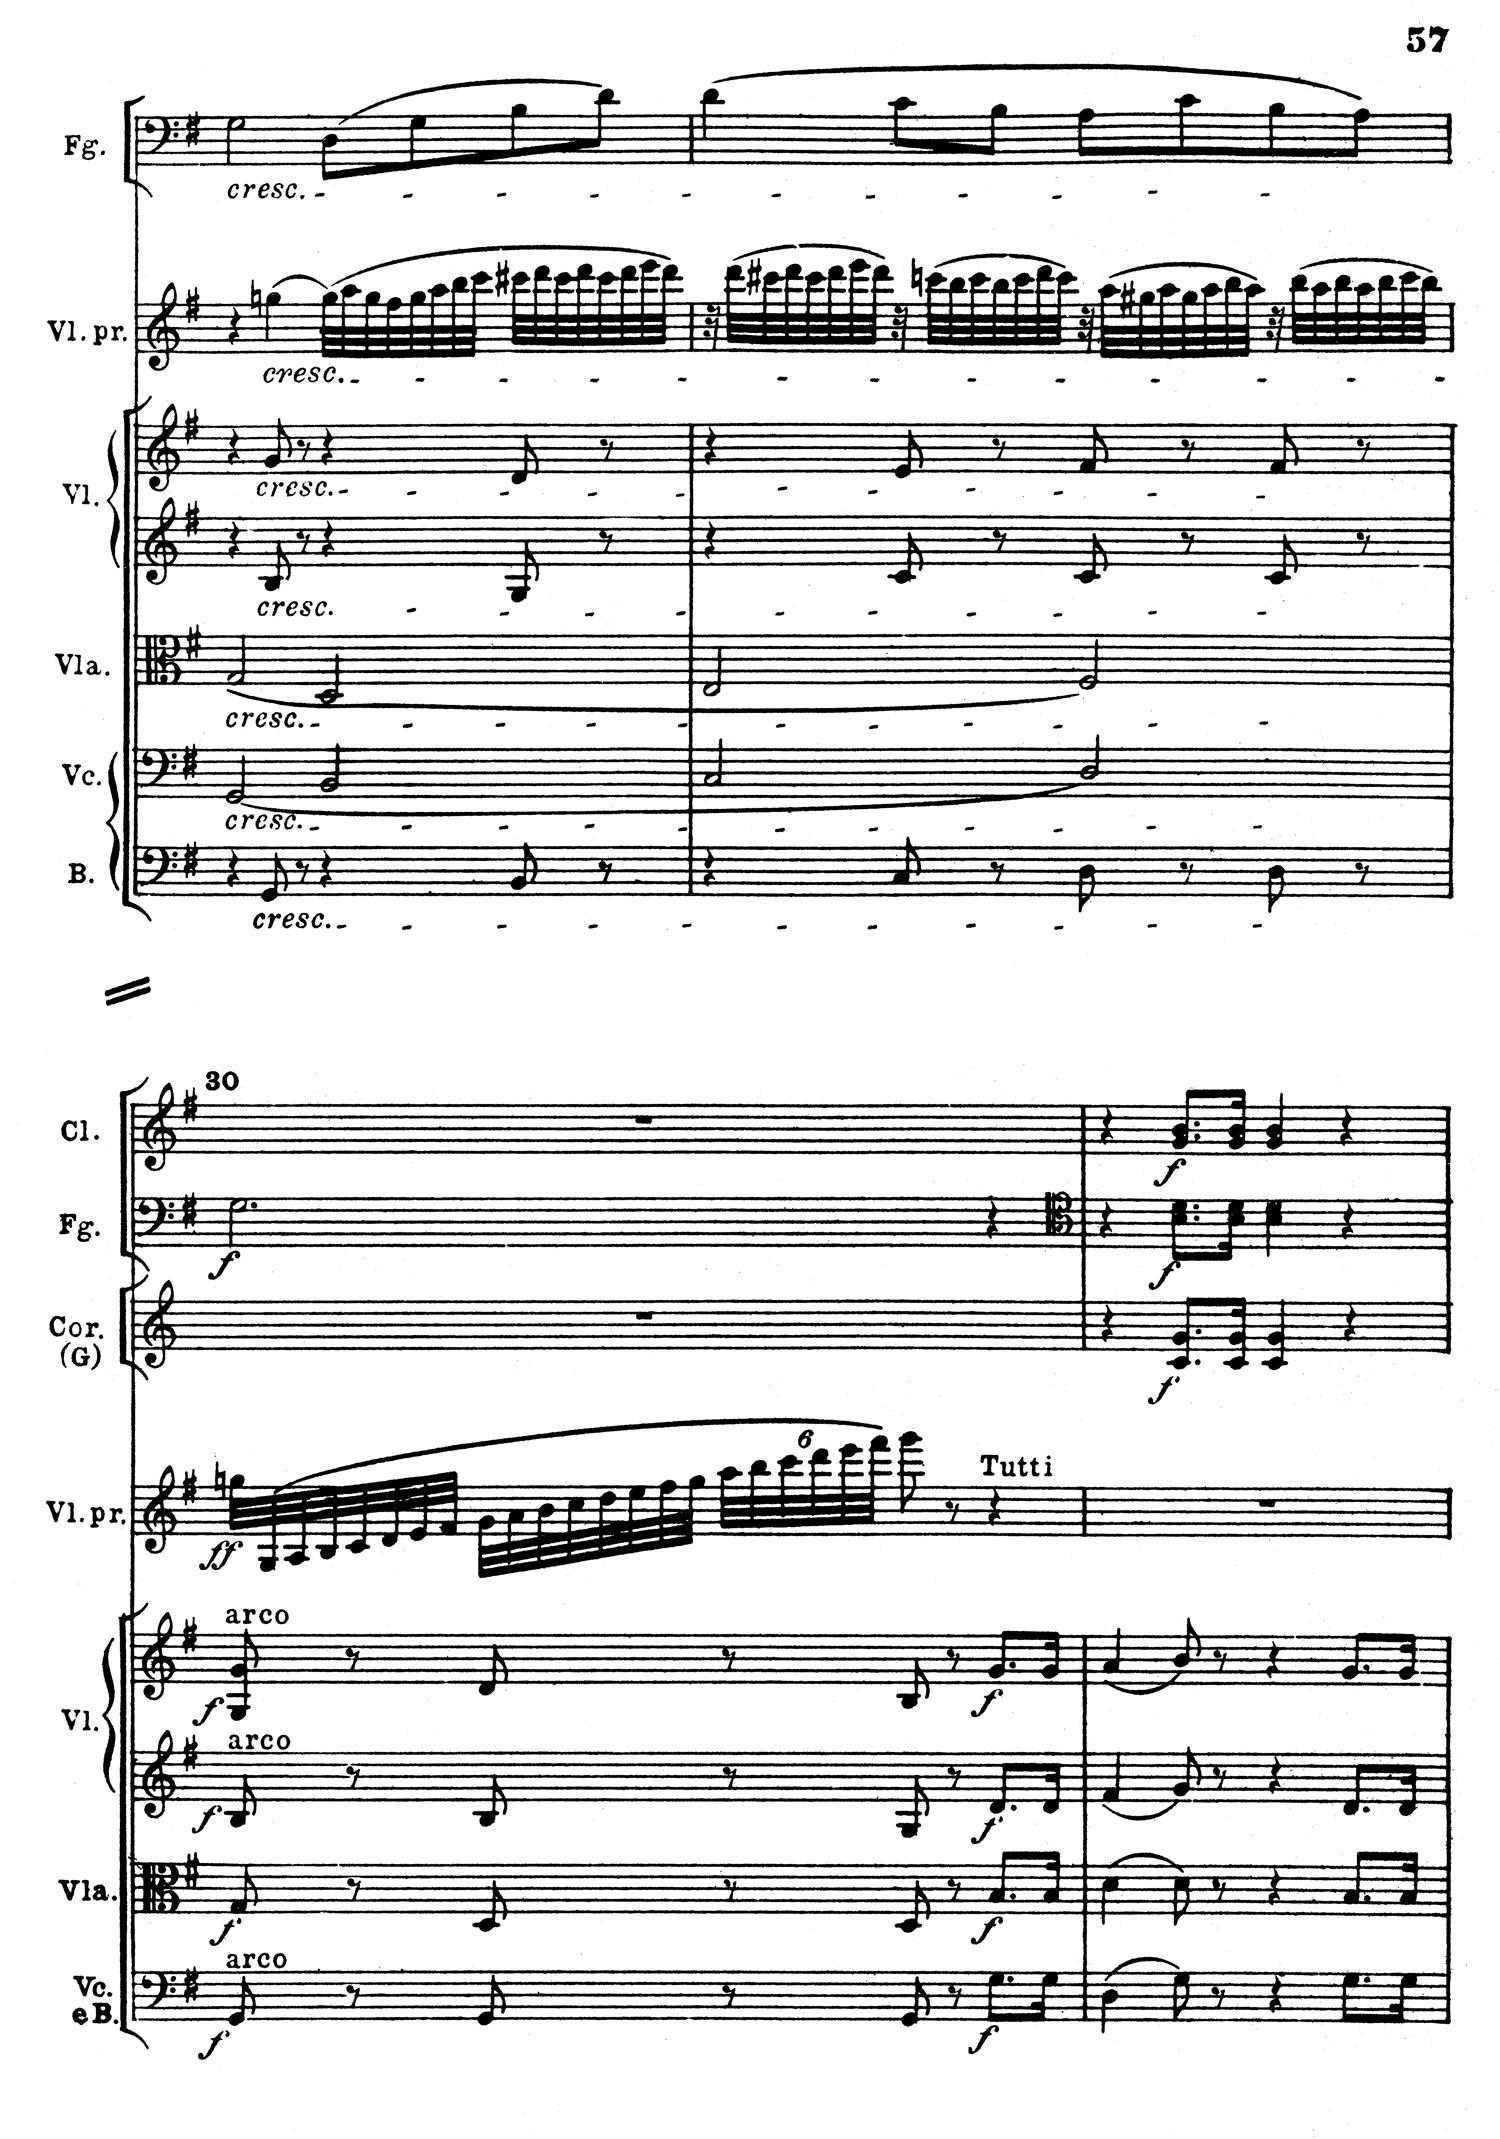 Beethoven Violin Score 3.jpg